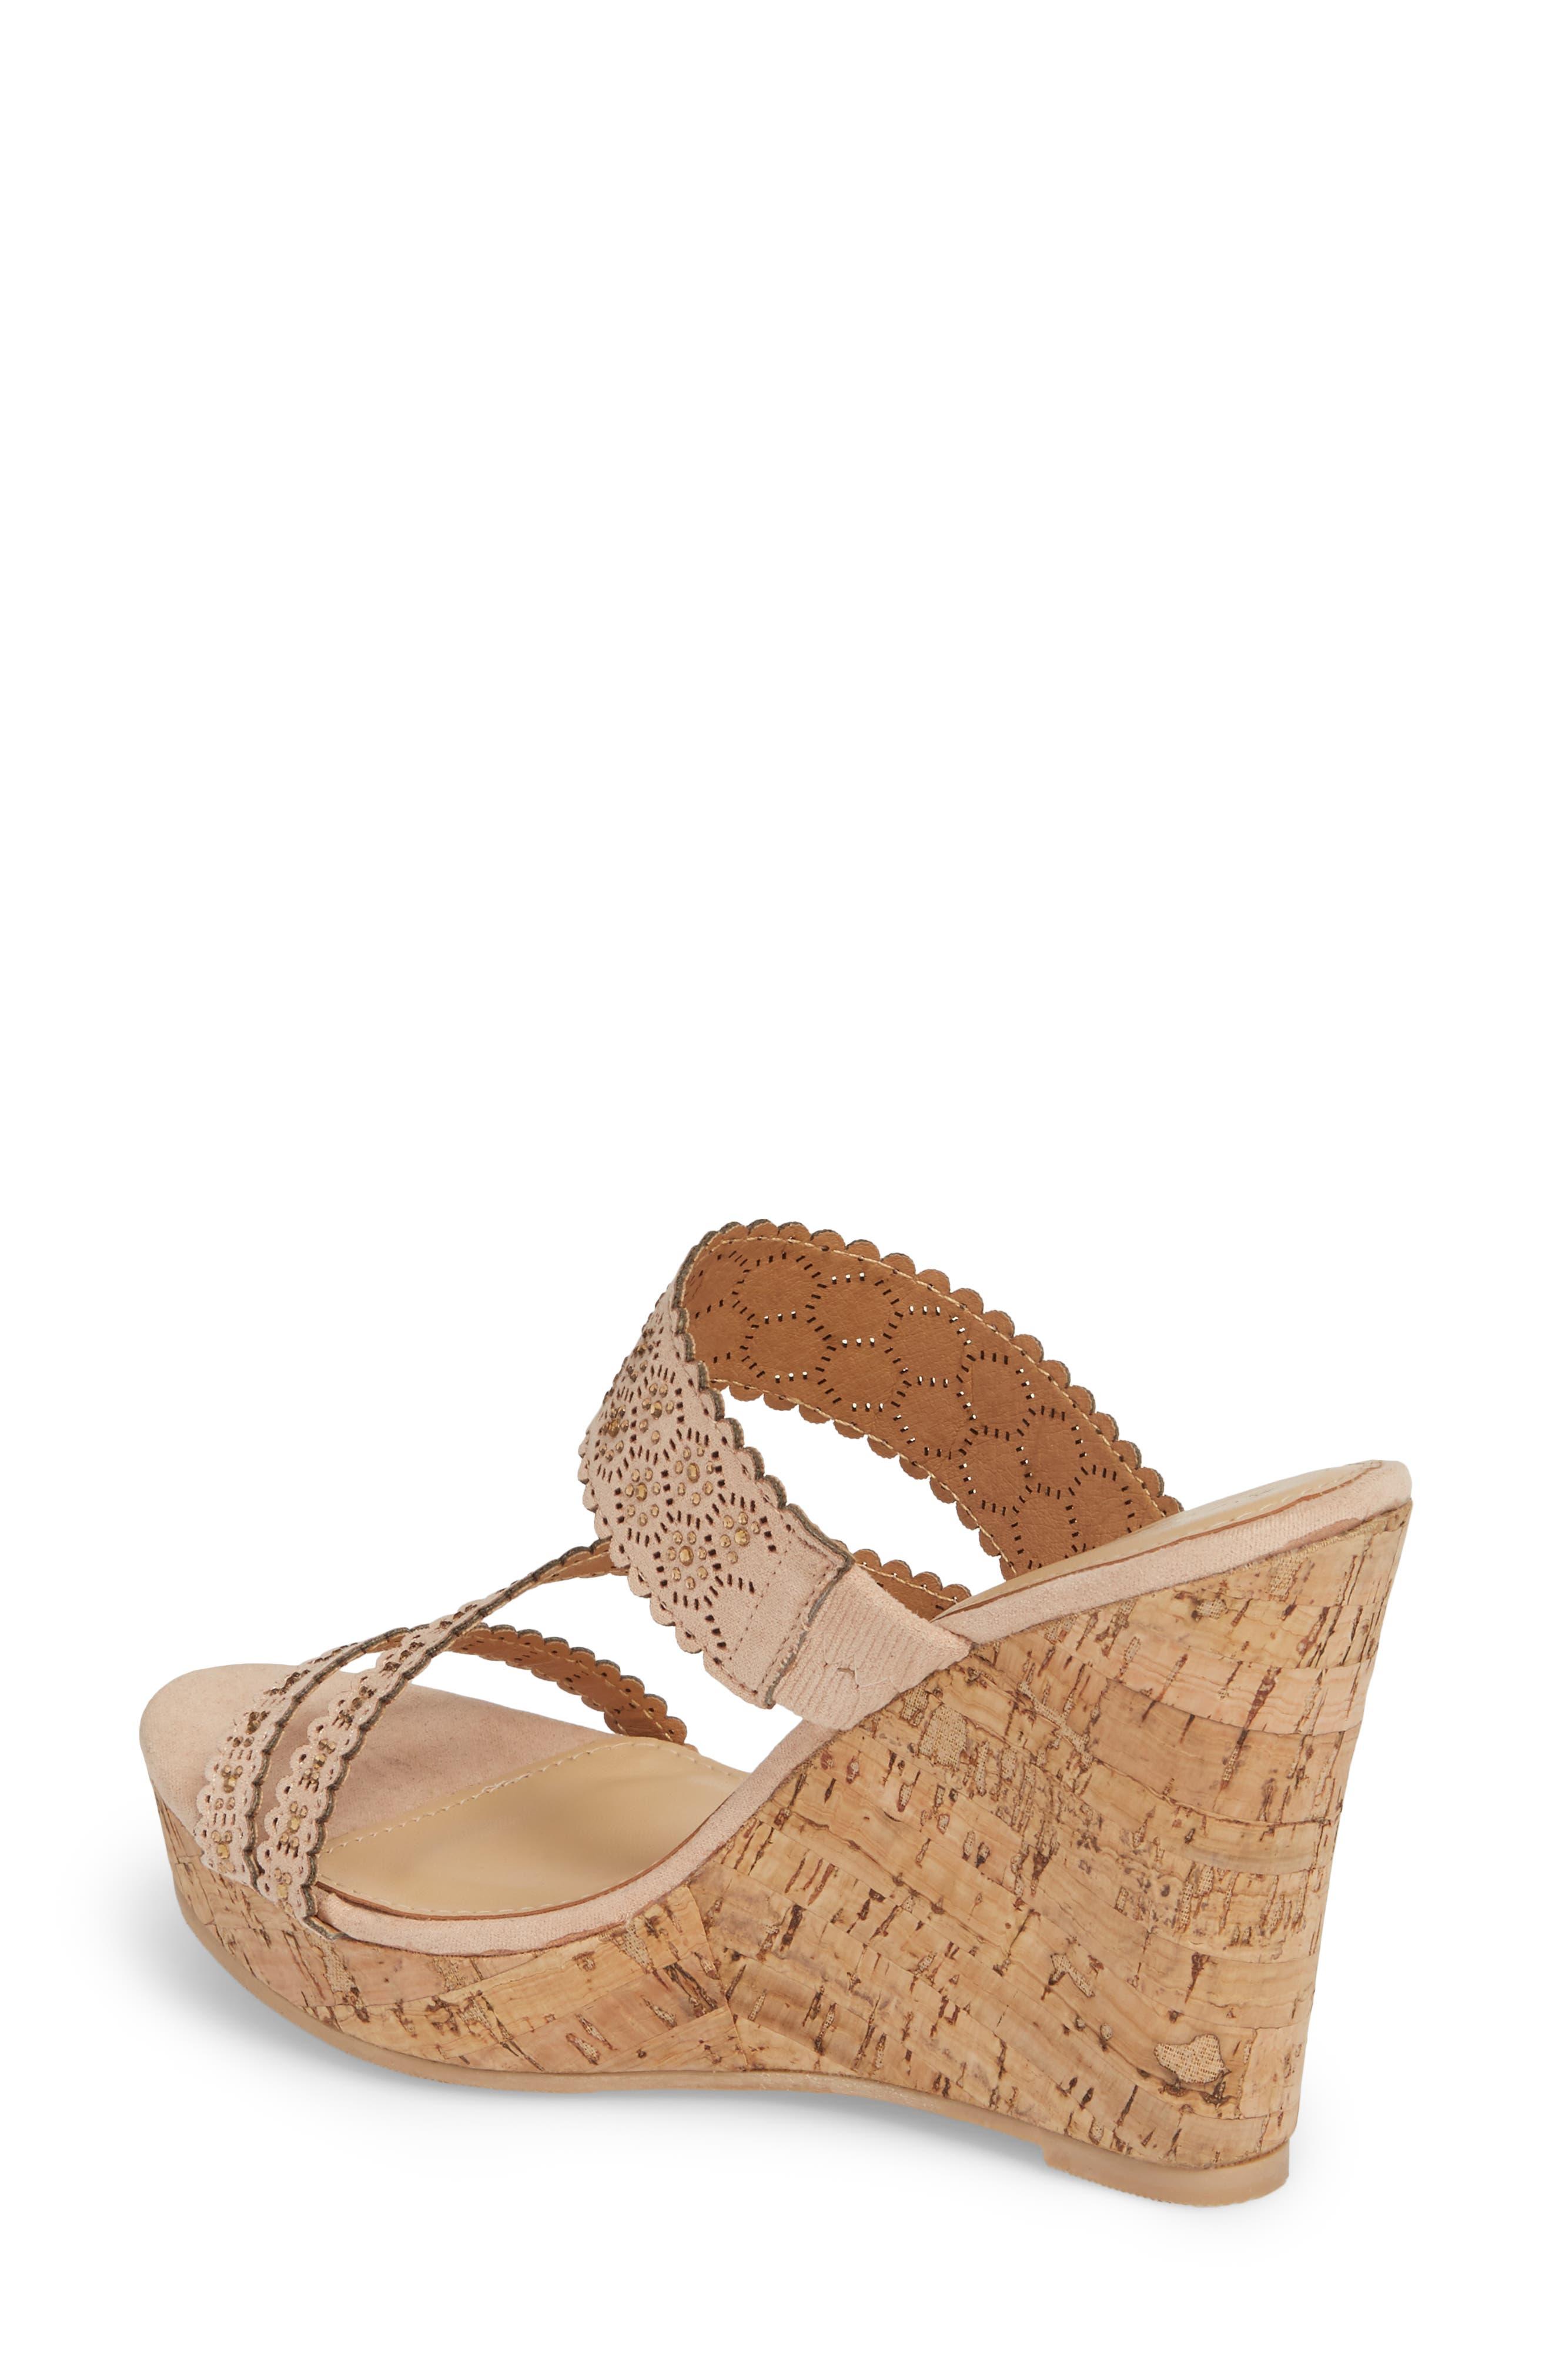 Aerin Embellished Wedge Sandal,                             Alternate thumbnail 2, color,                             Blush Suede